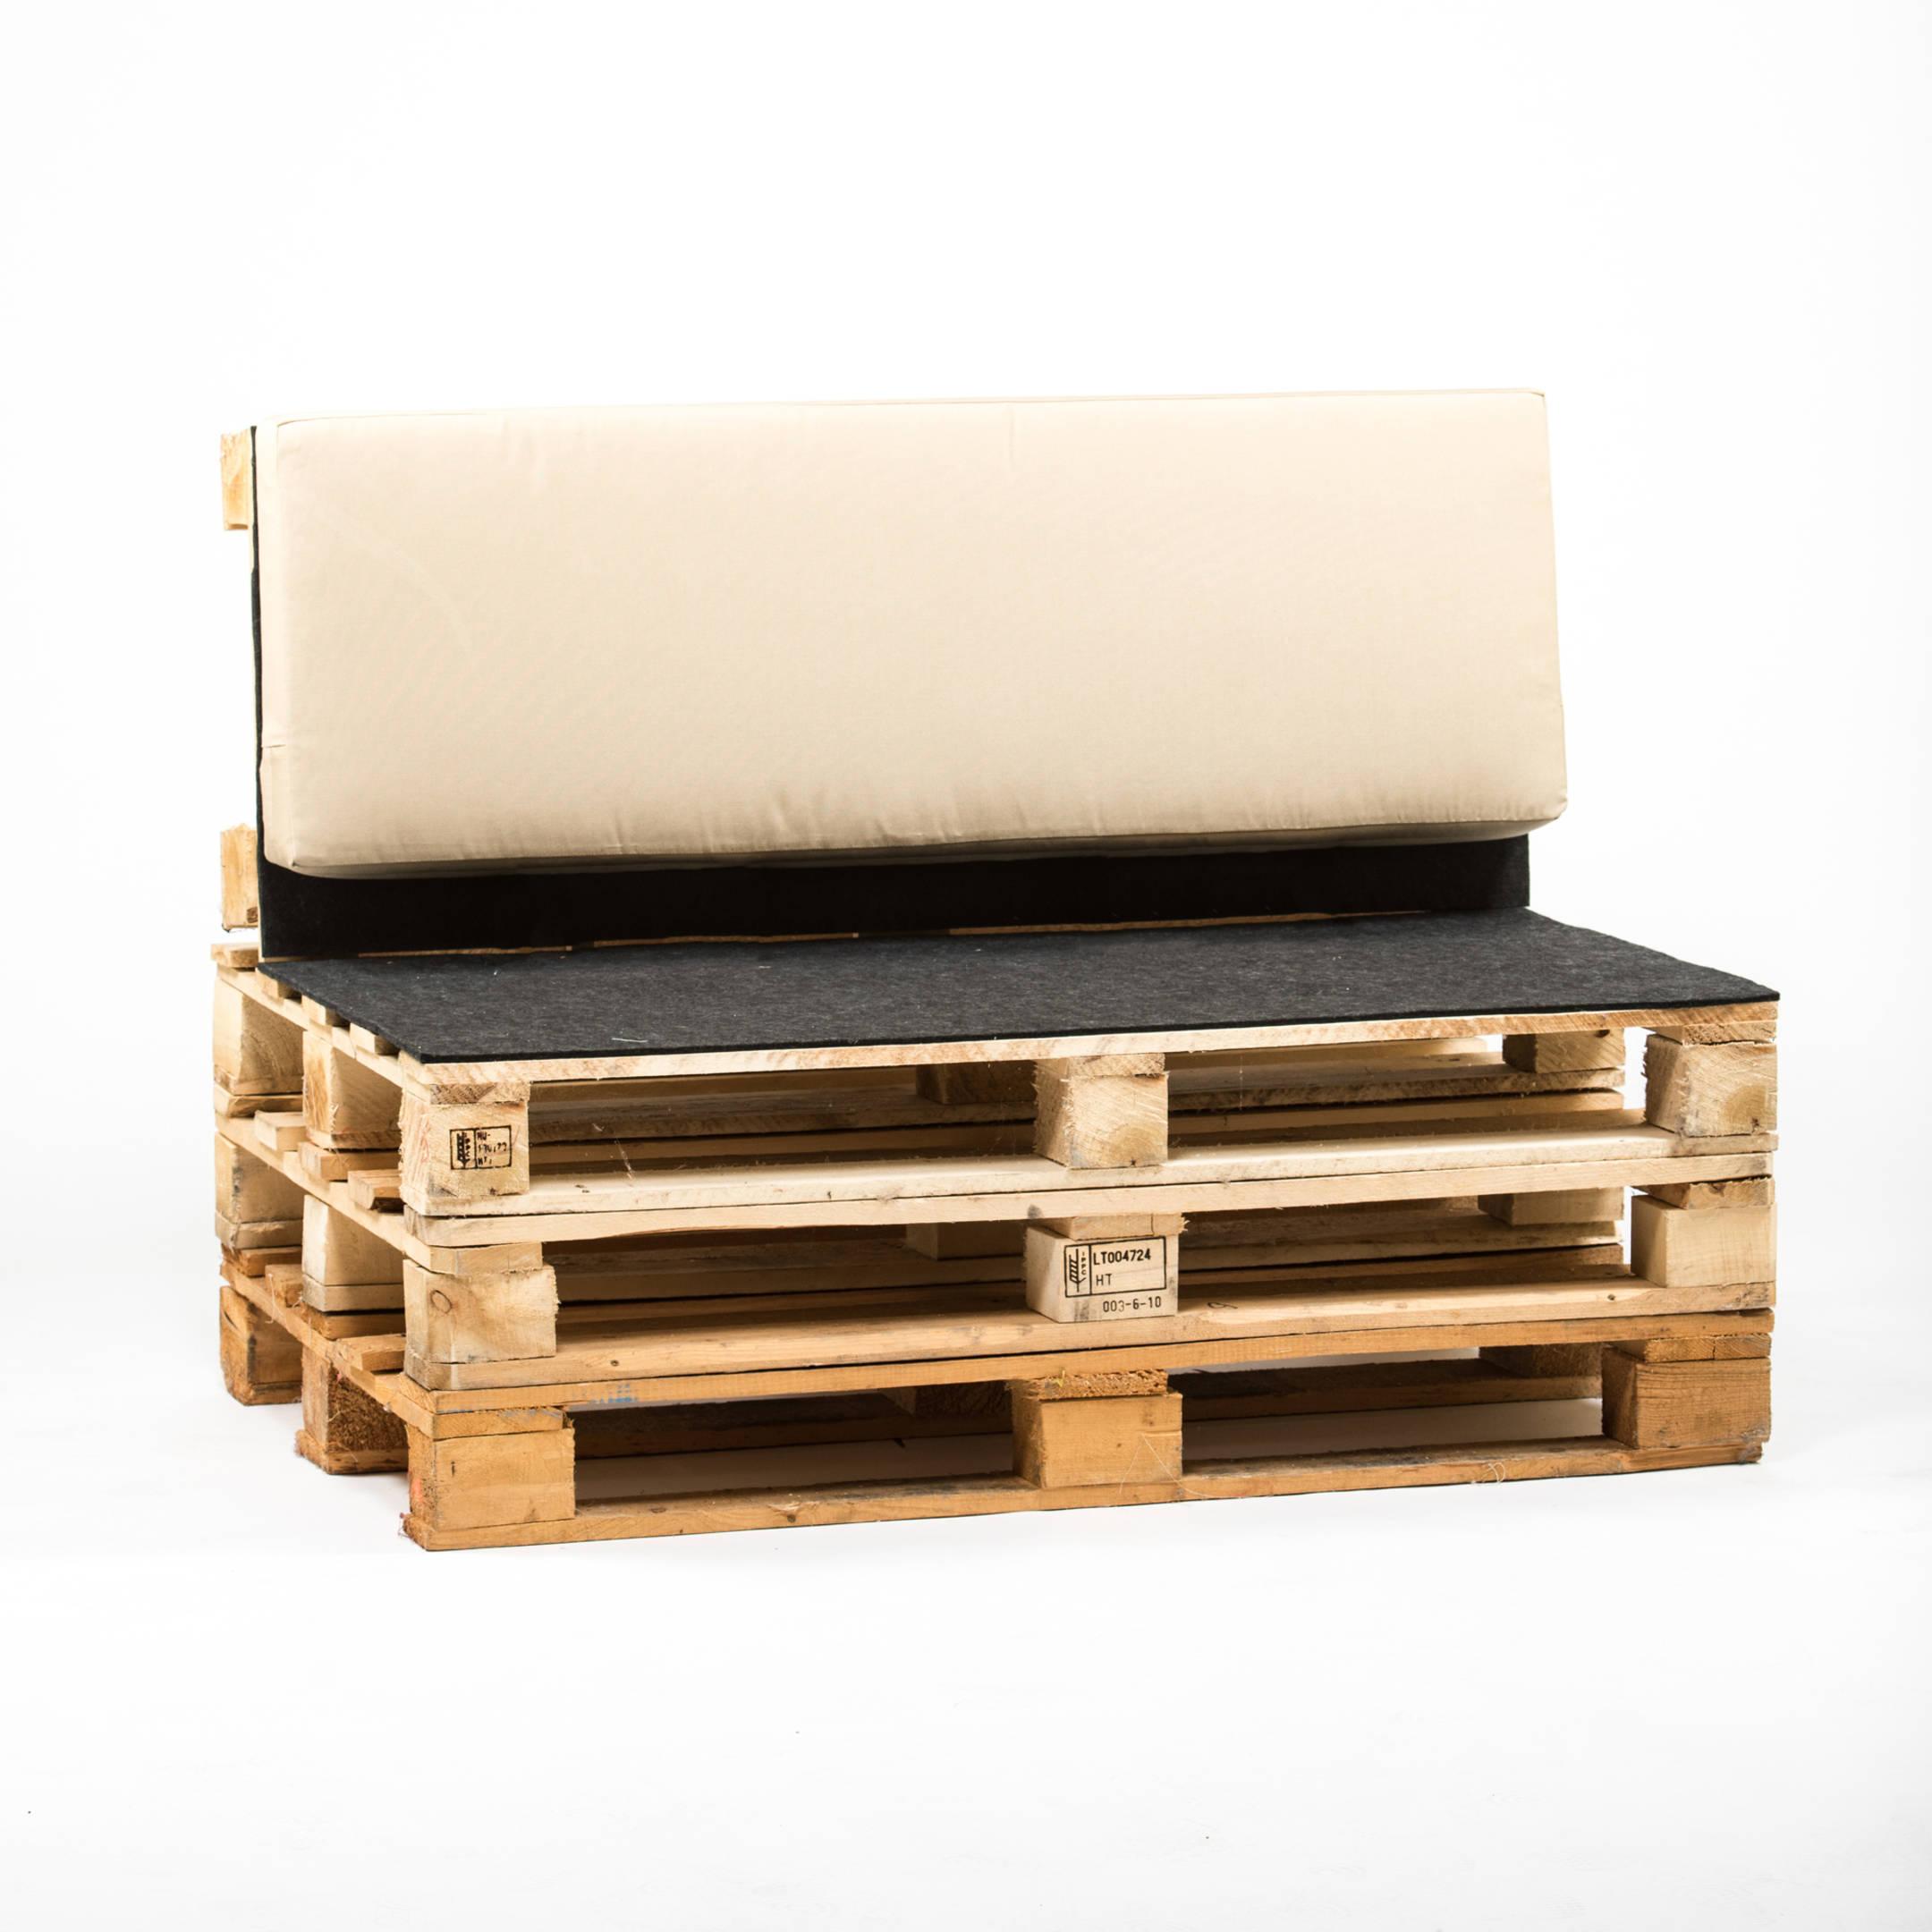 palette r cklehne 120x40x8 cm. Black Bedroom Furniture Sets. Home Design Ideas